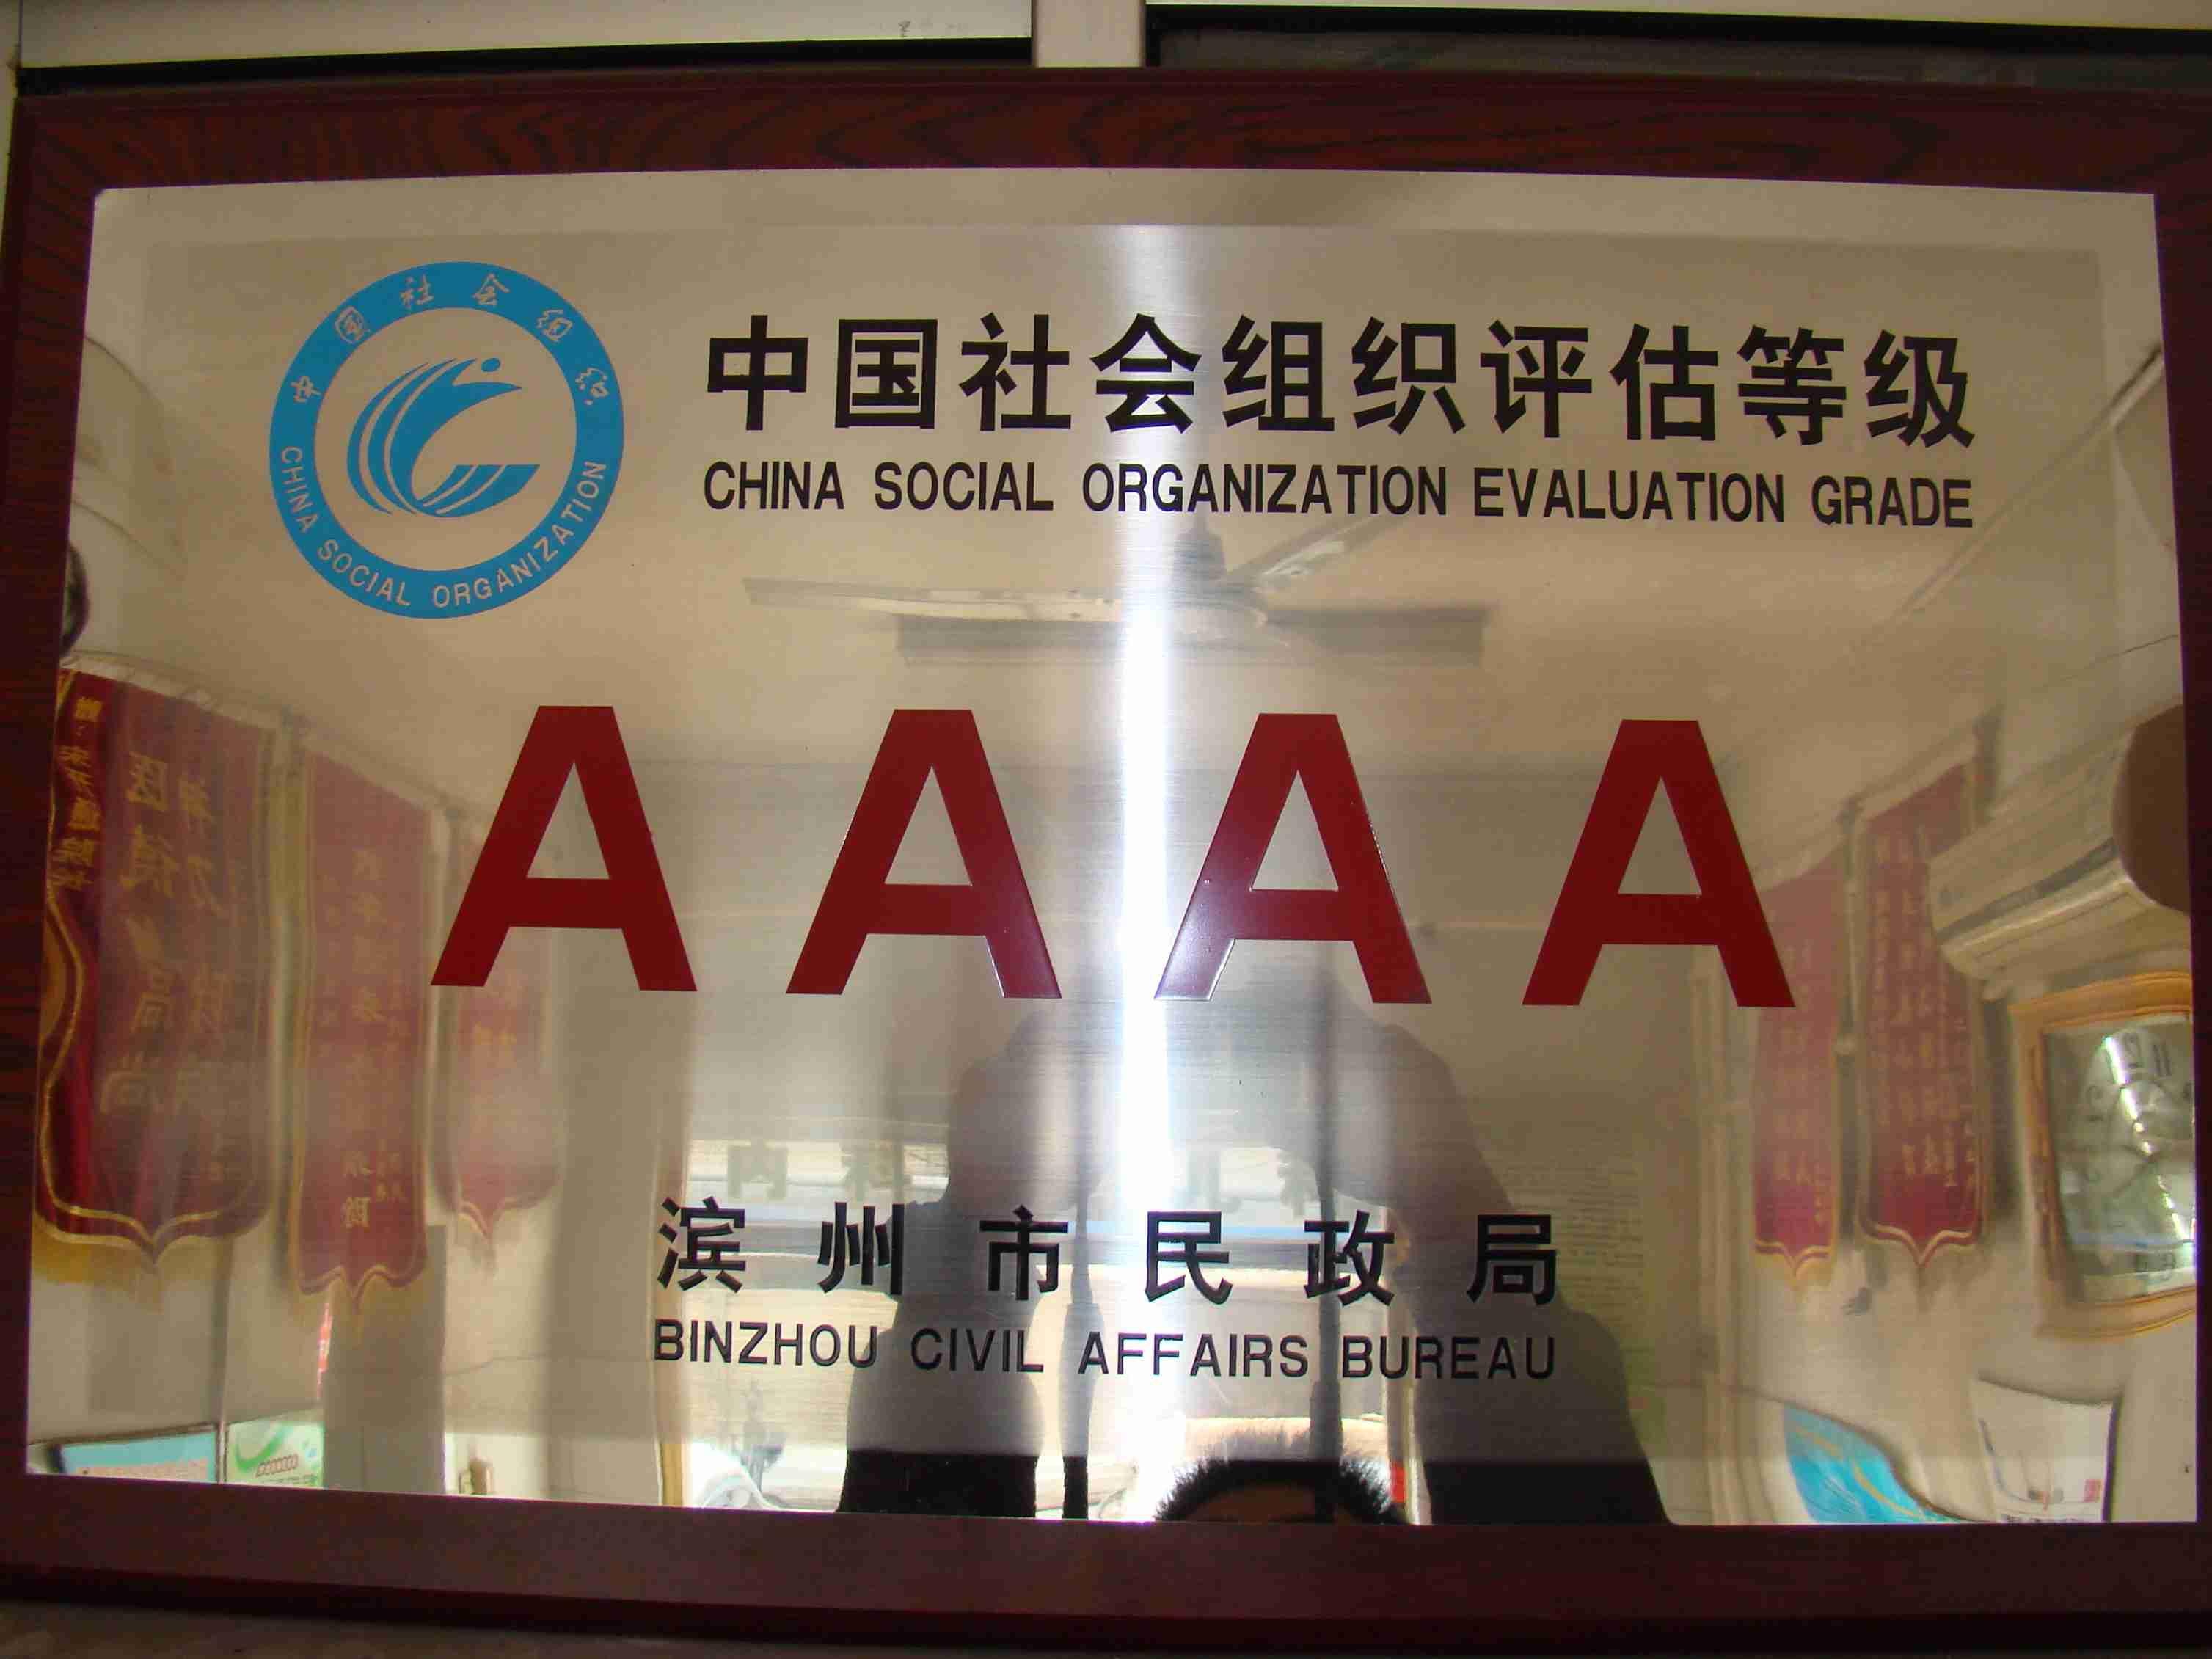 4A级优秀社会组织